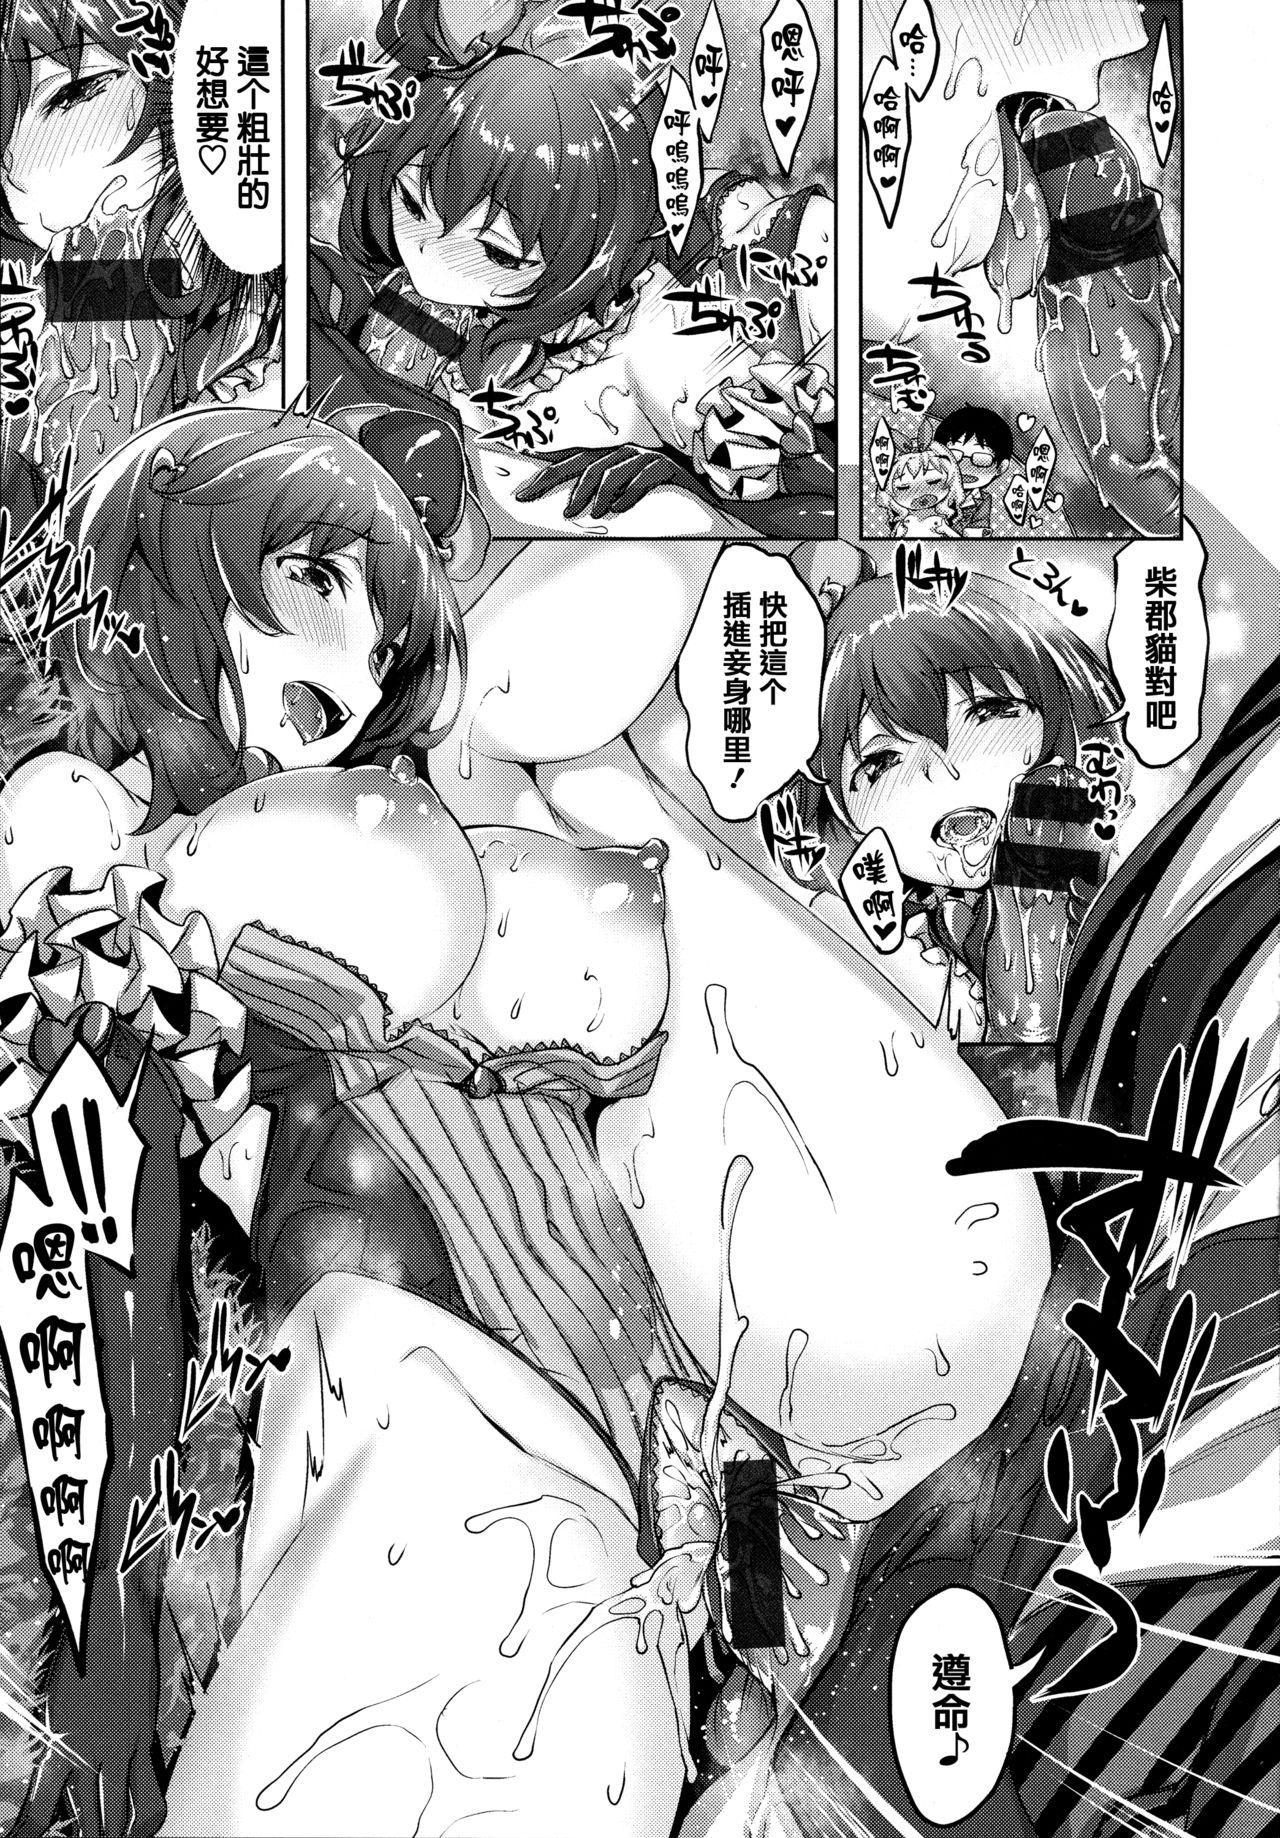 Zutto Daisuki 149